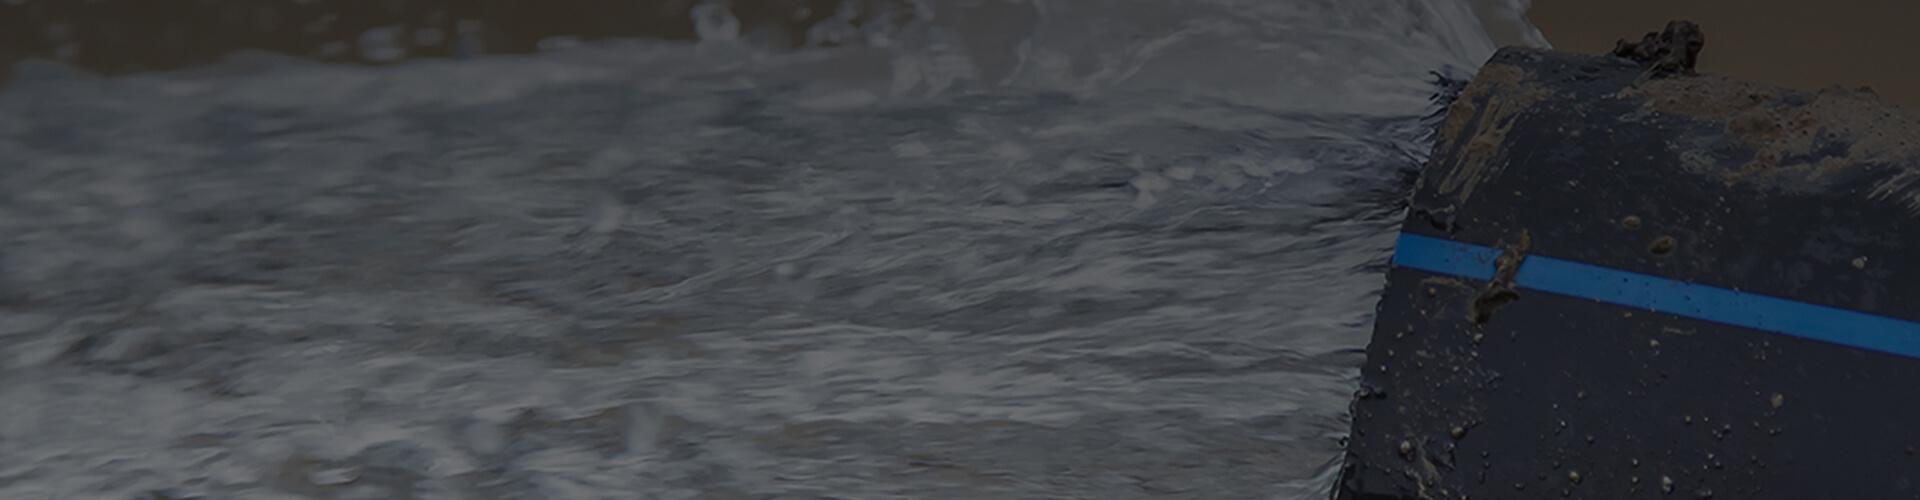 entretien réseaux d'eau potable Seine et Marne